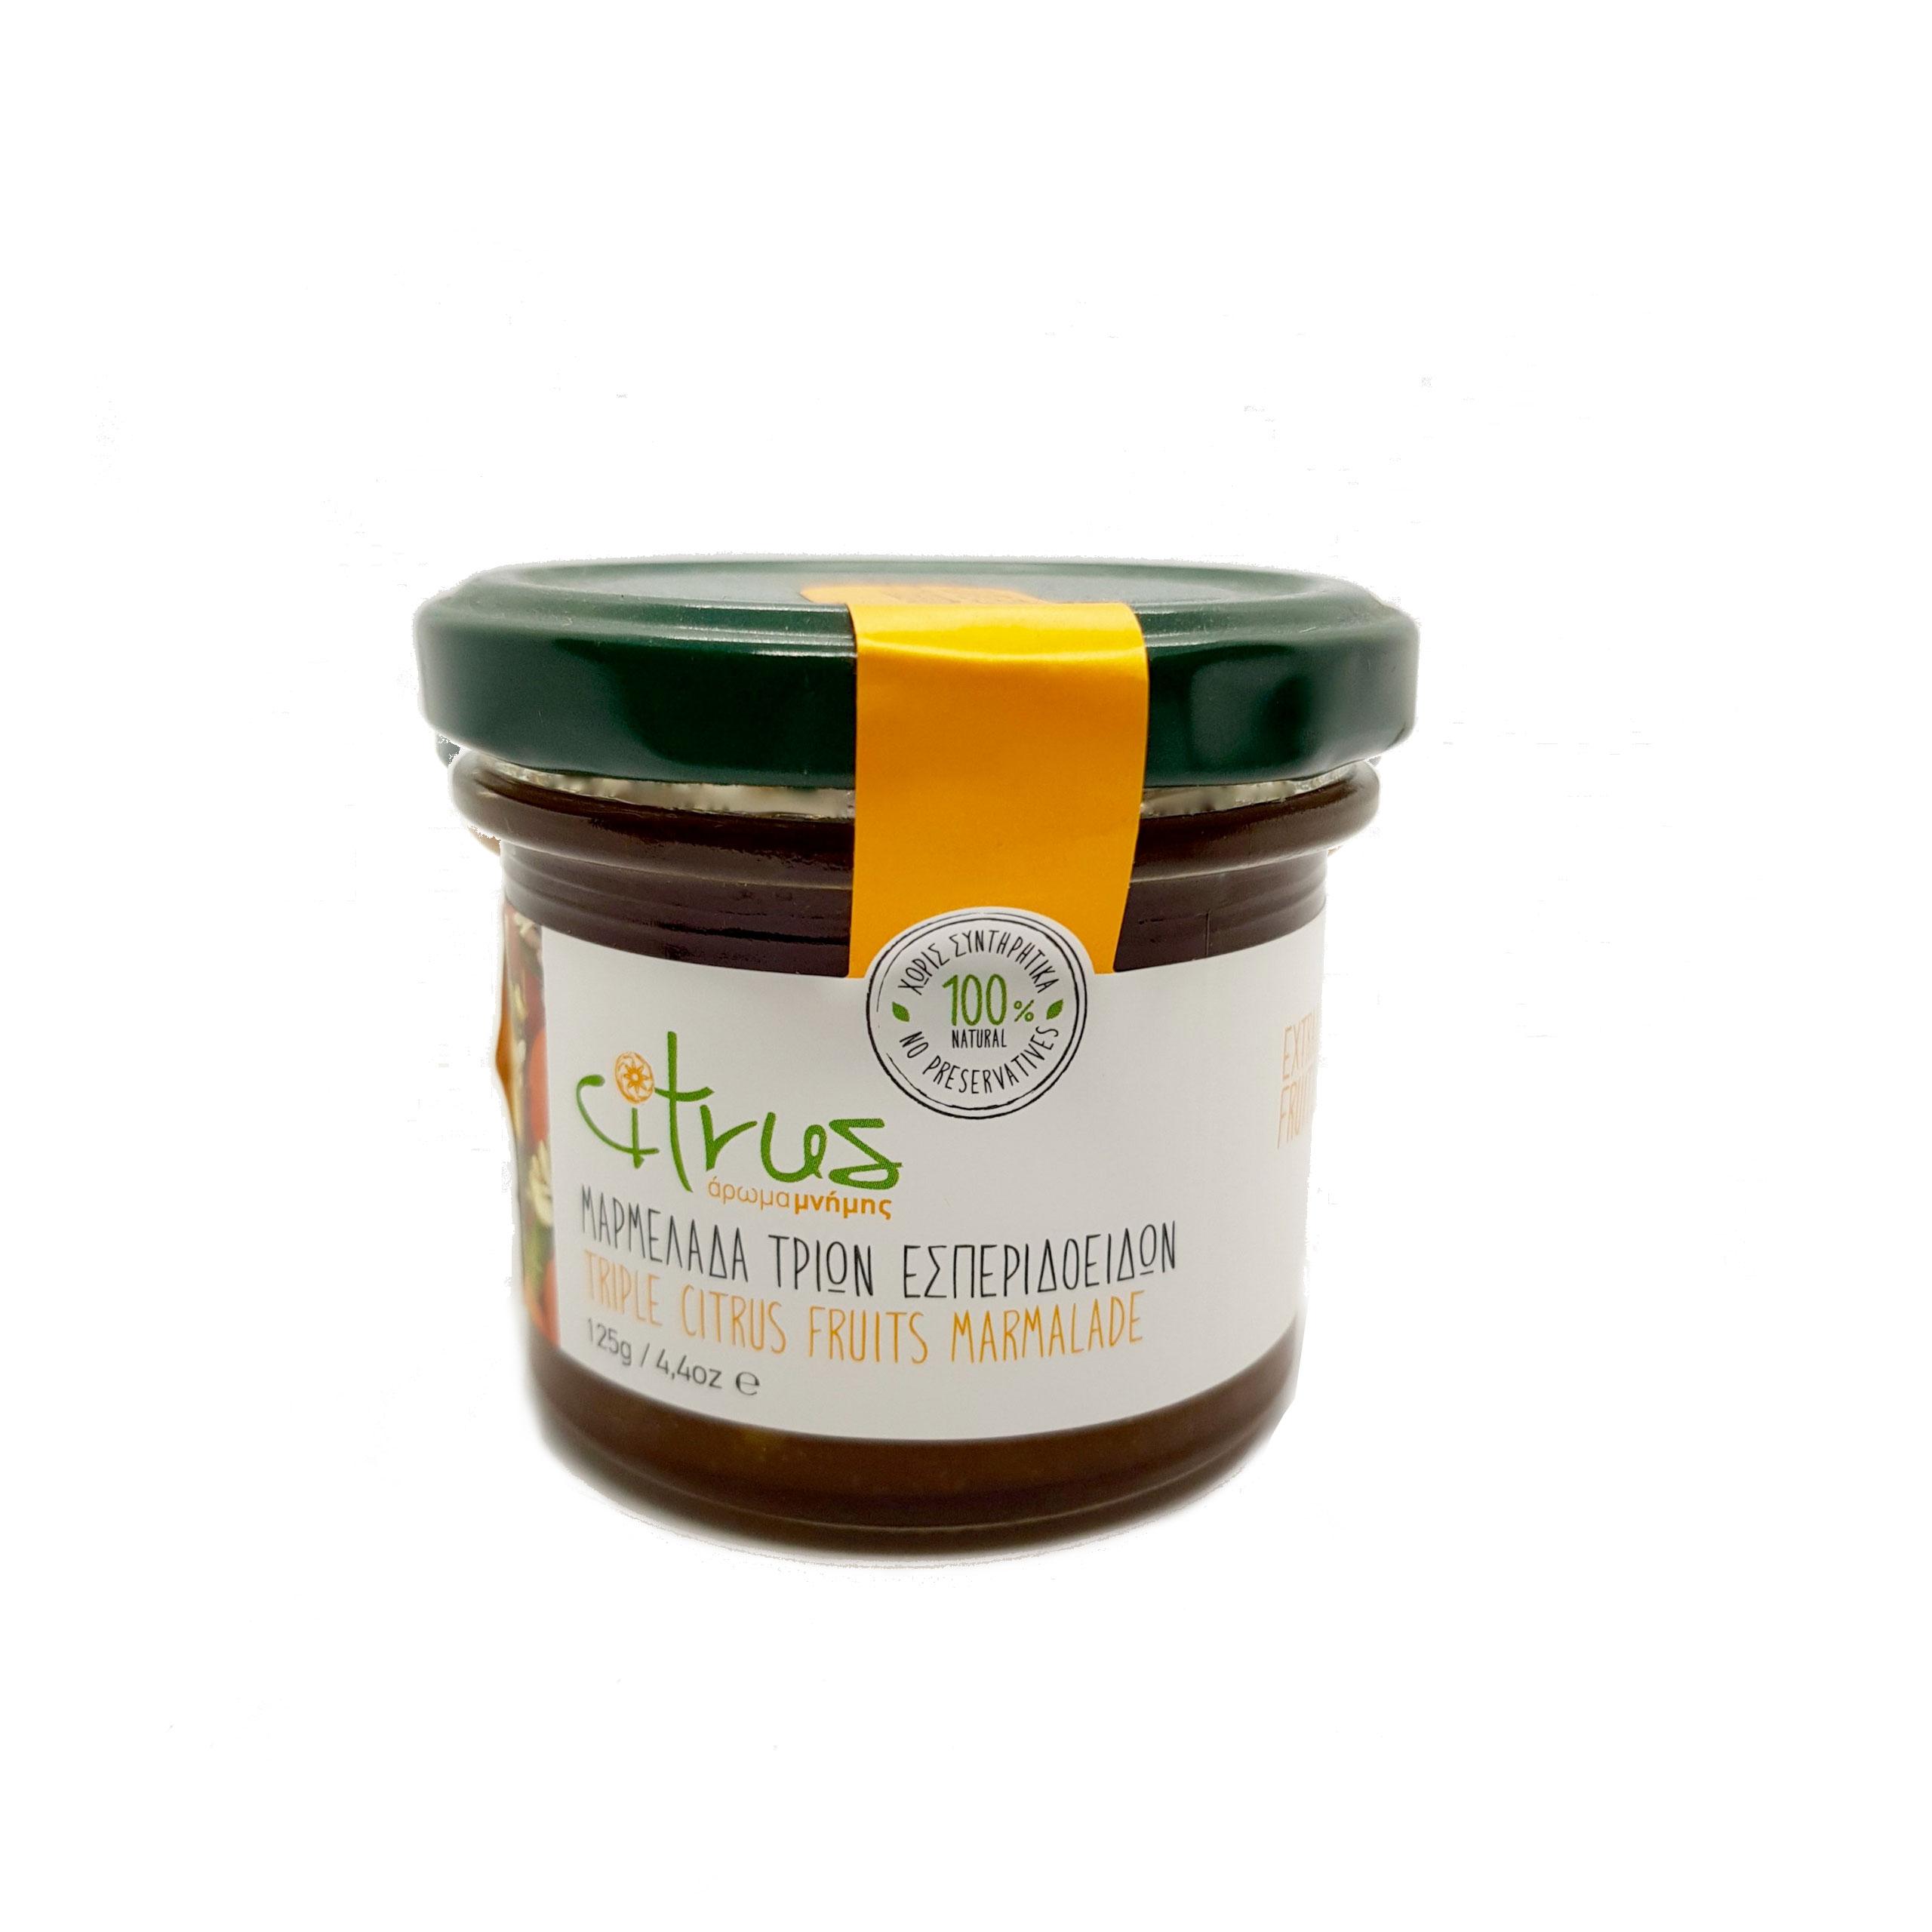 marmellata di agrumi senza conservanti